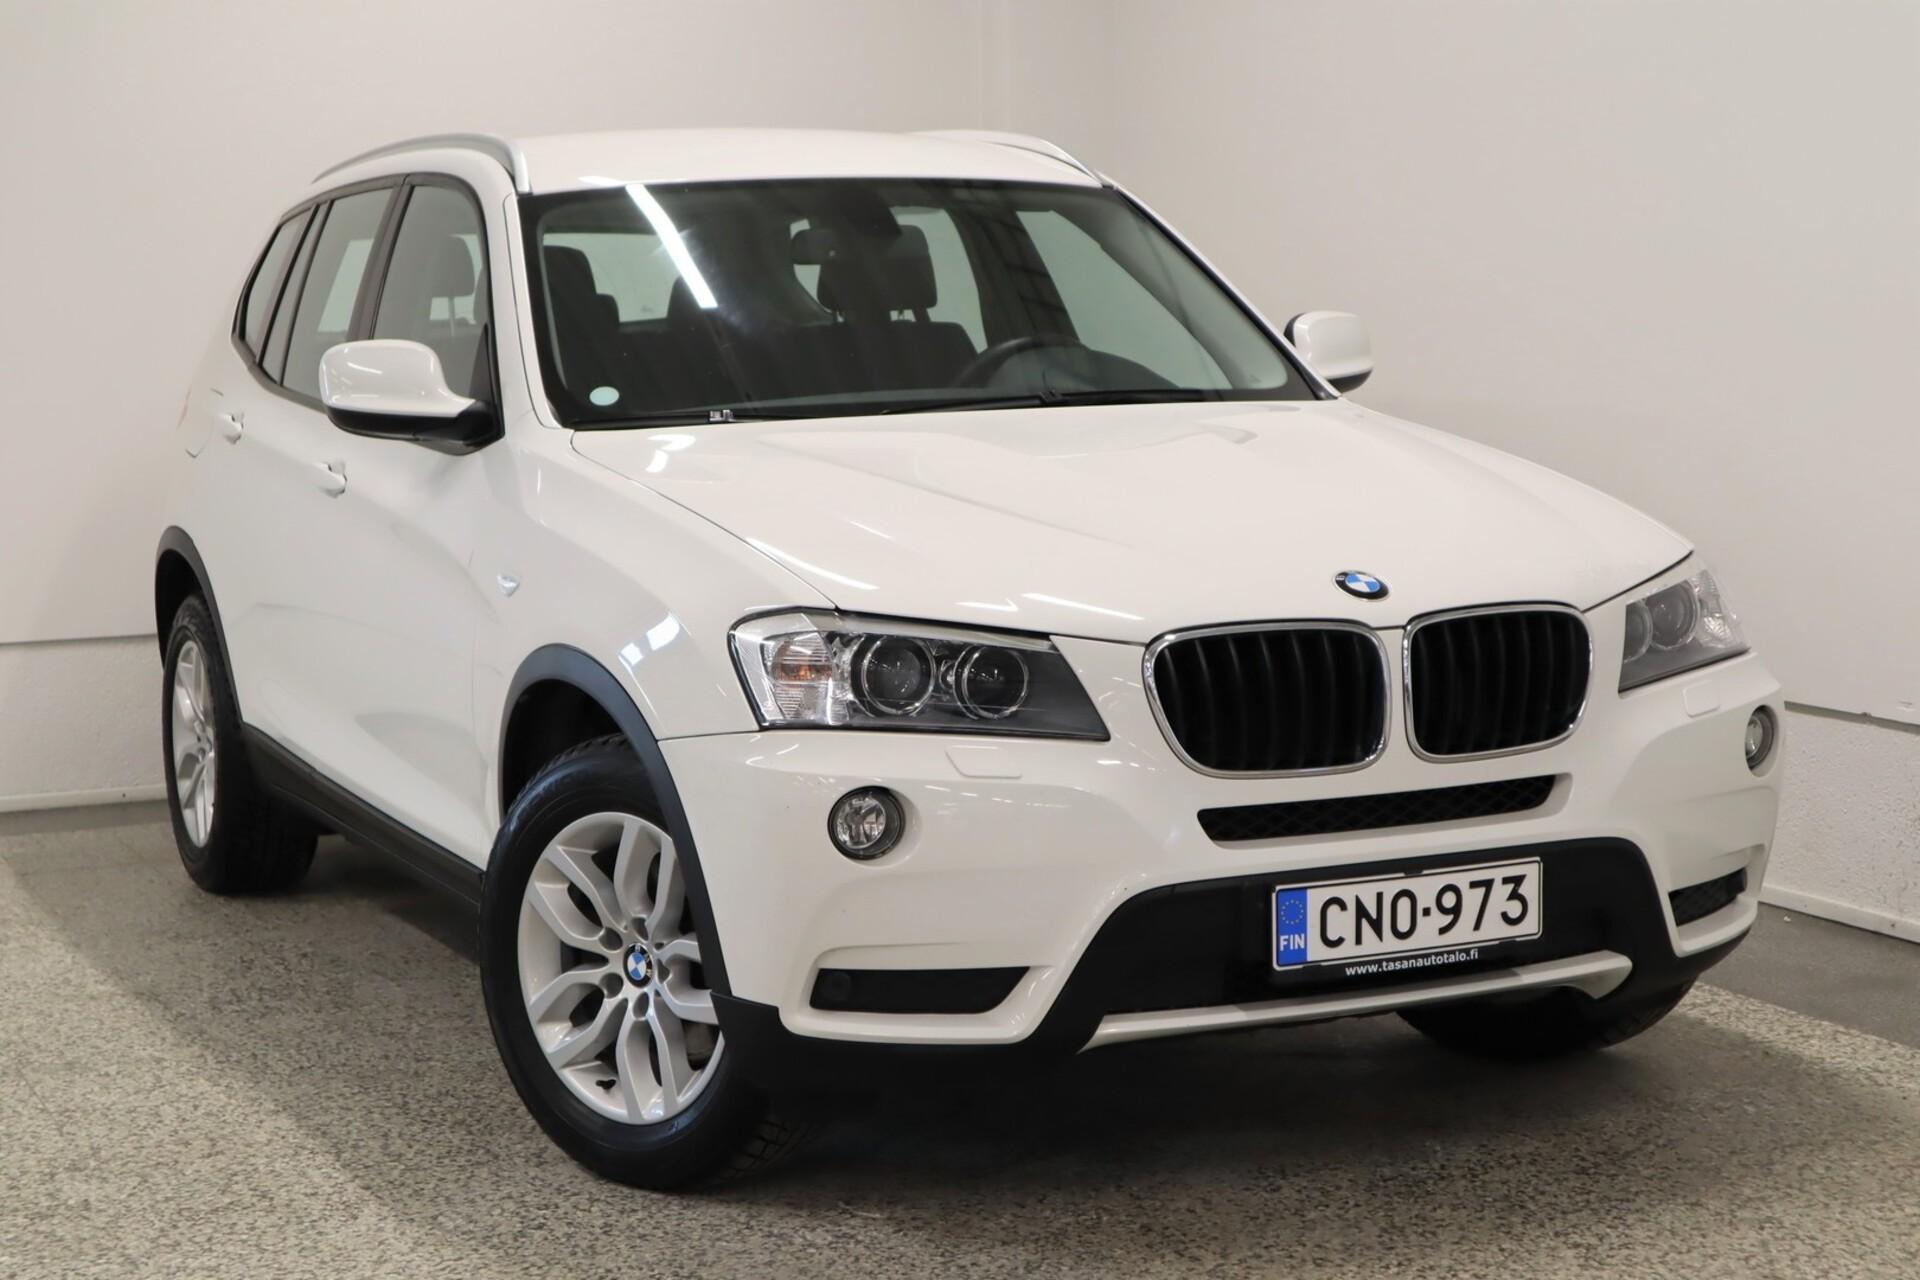 BMW X3 F25 xDrive20d TwinPower Turbo / Xenon valot / Tutkat / koukku